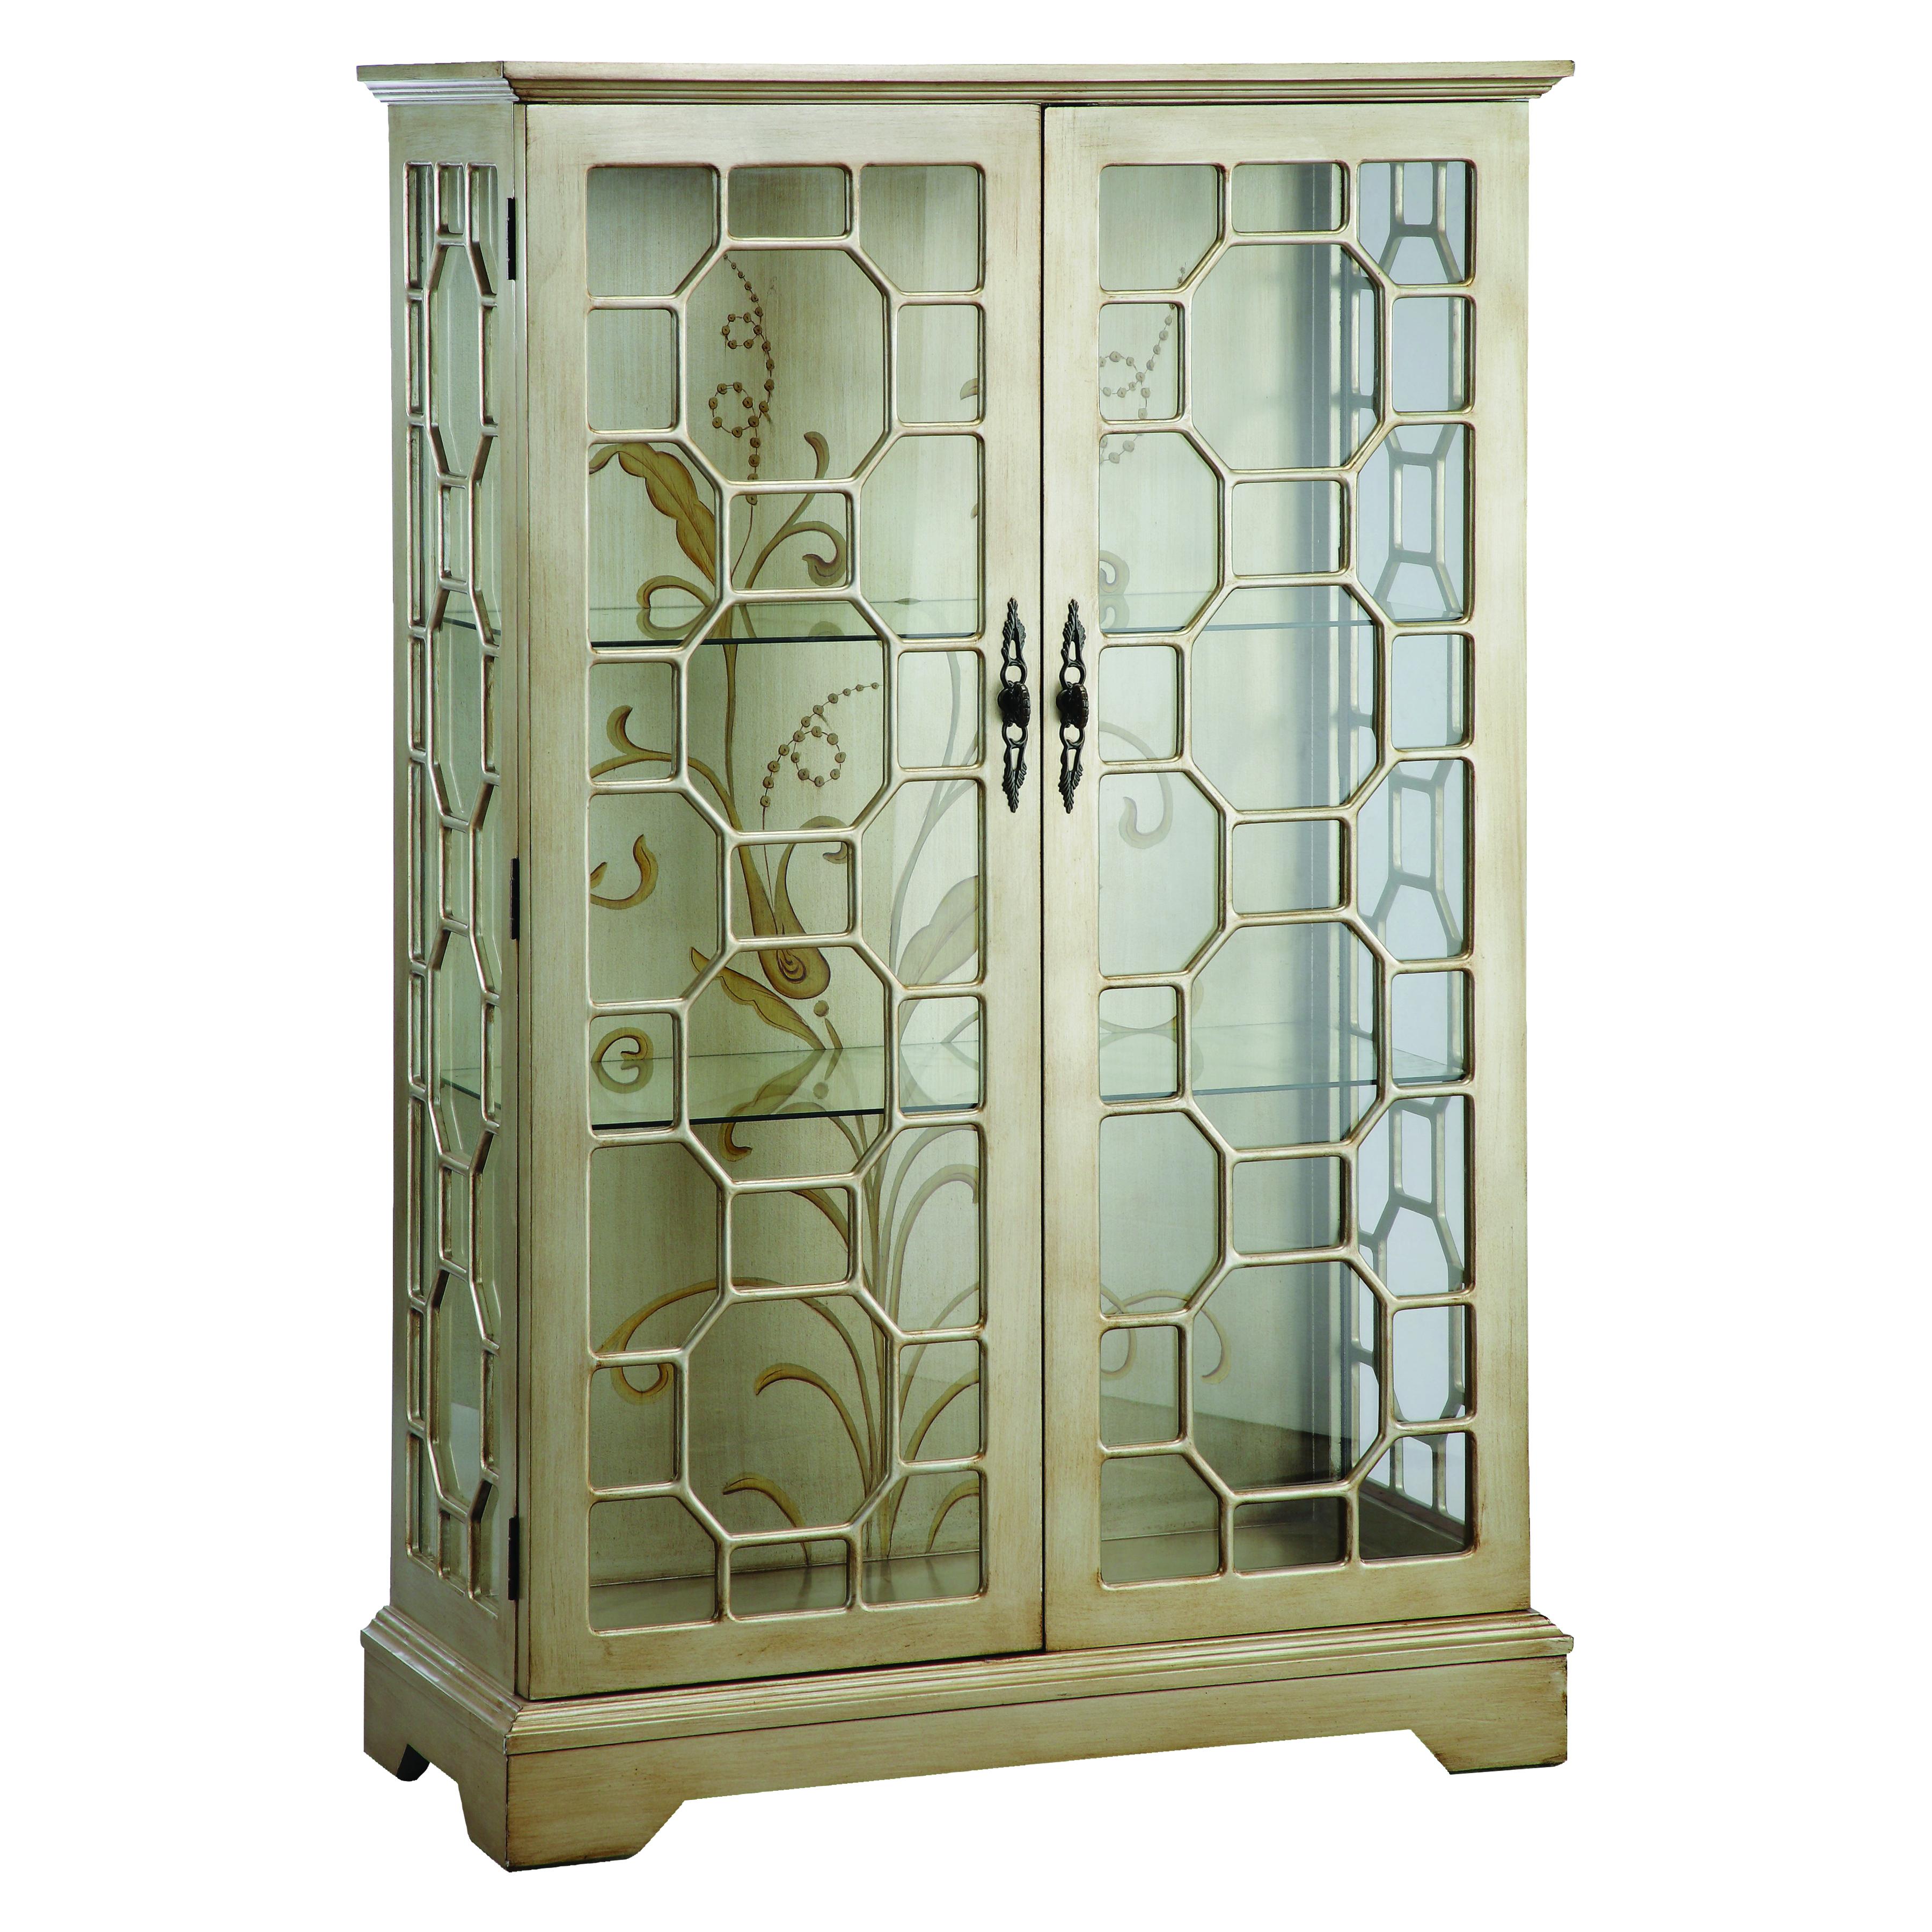 Stein World Diana Cabinet